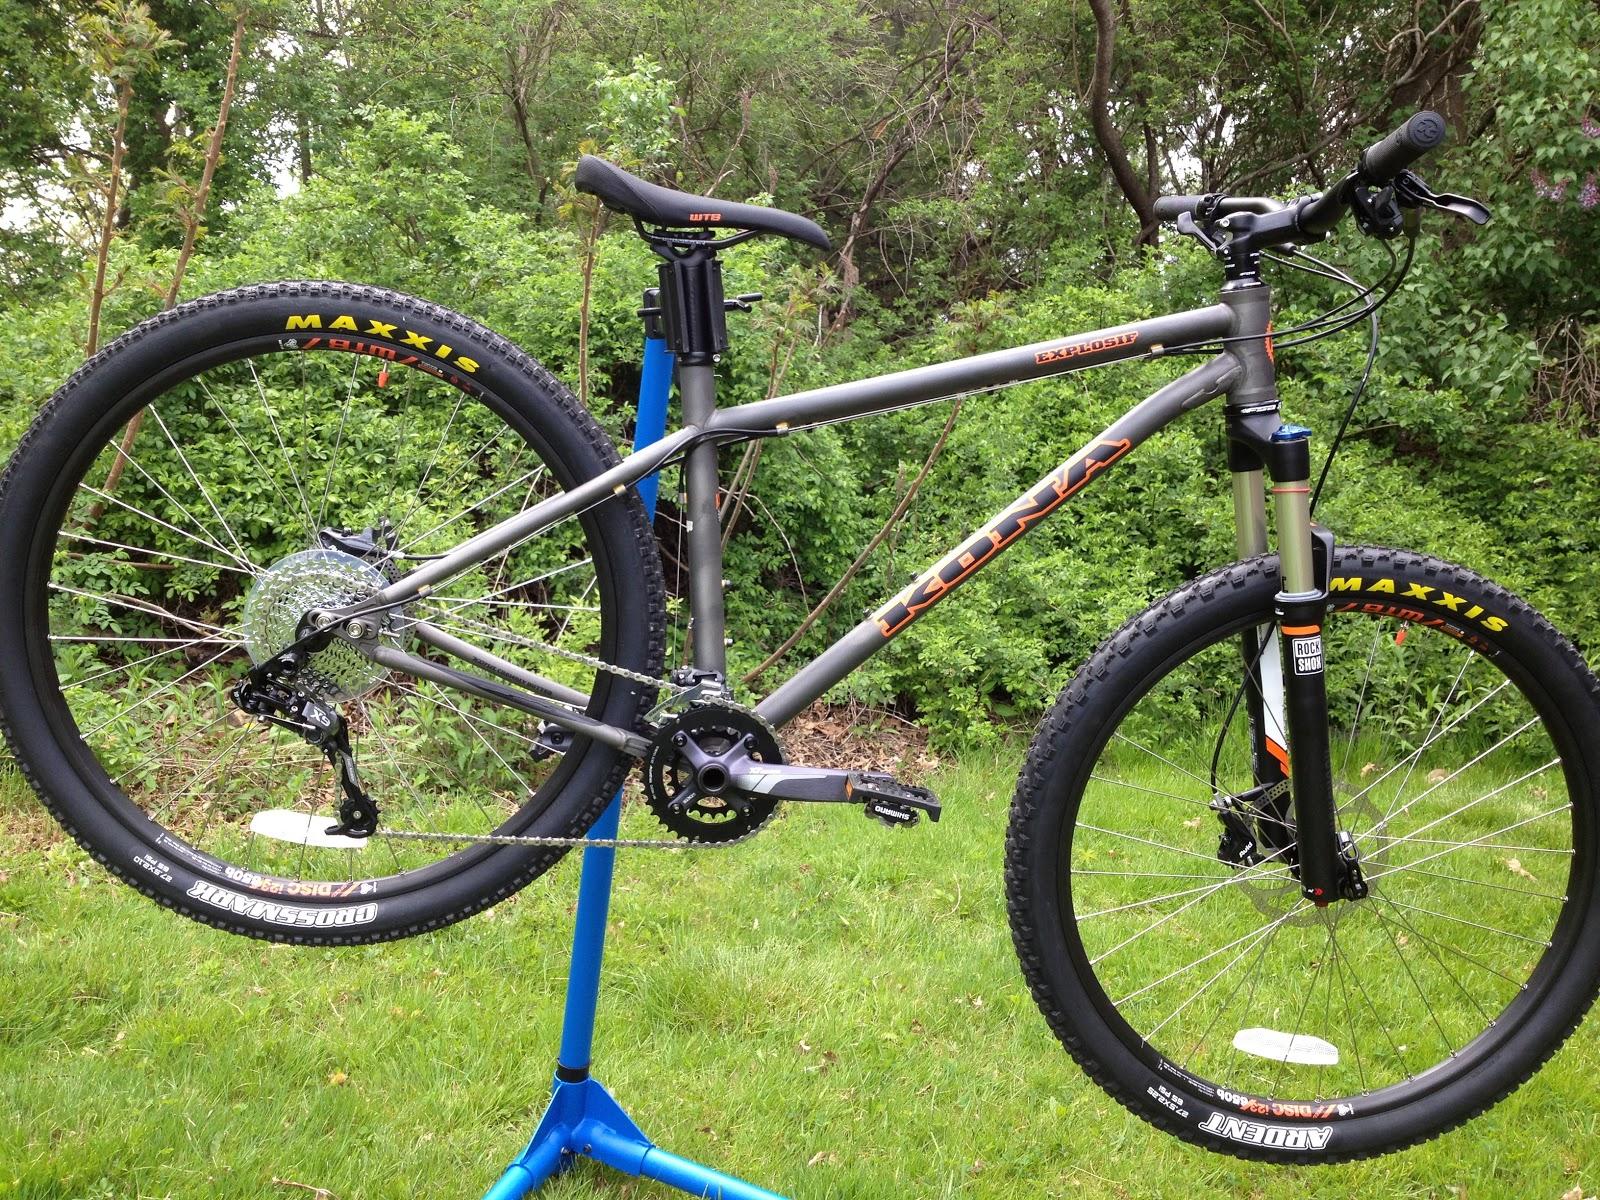 Cutting Edge Mountain Bikes: Kona Explosif